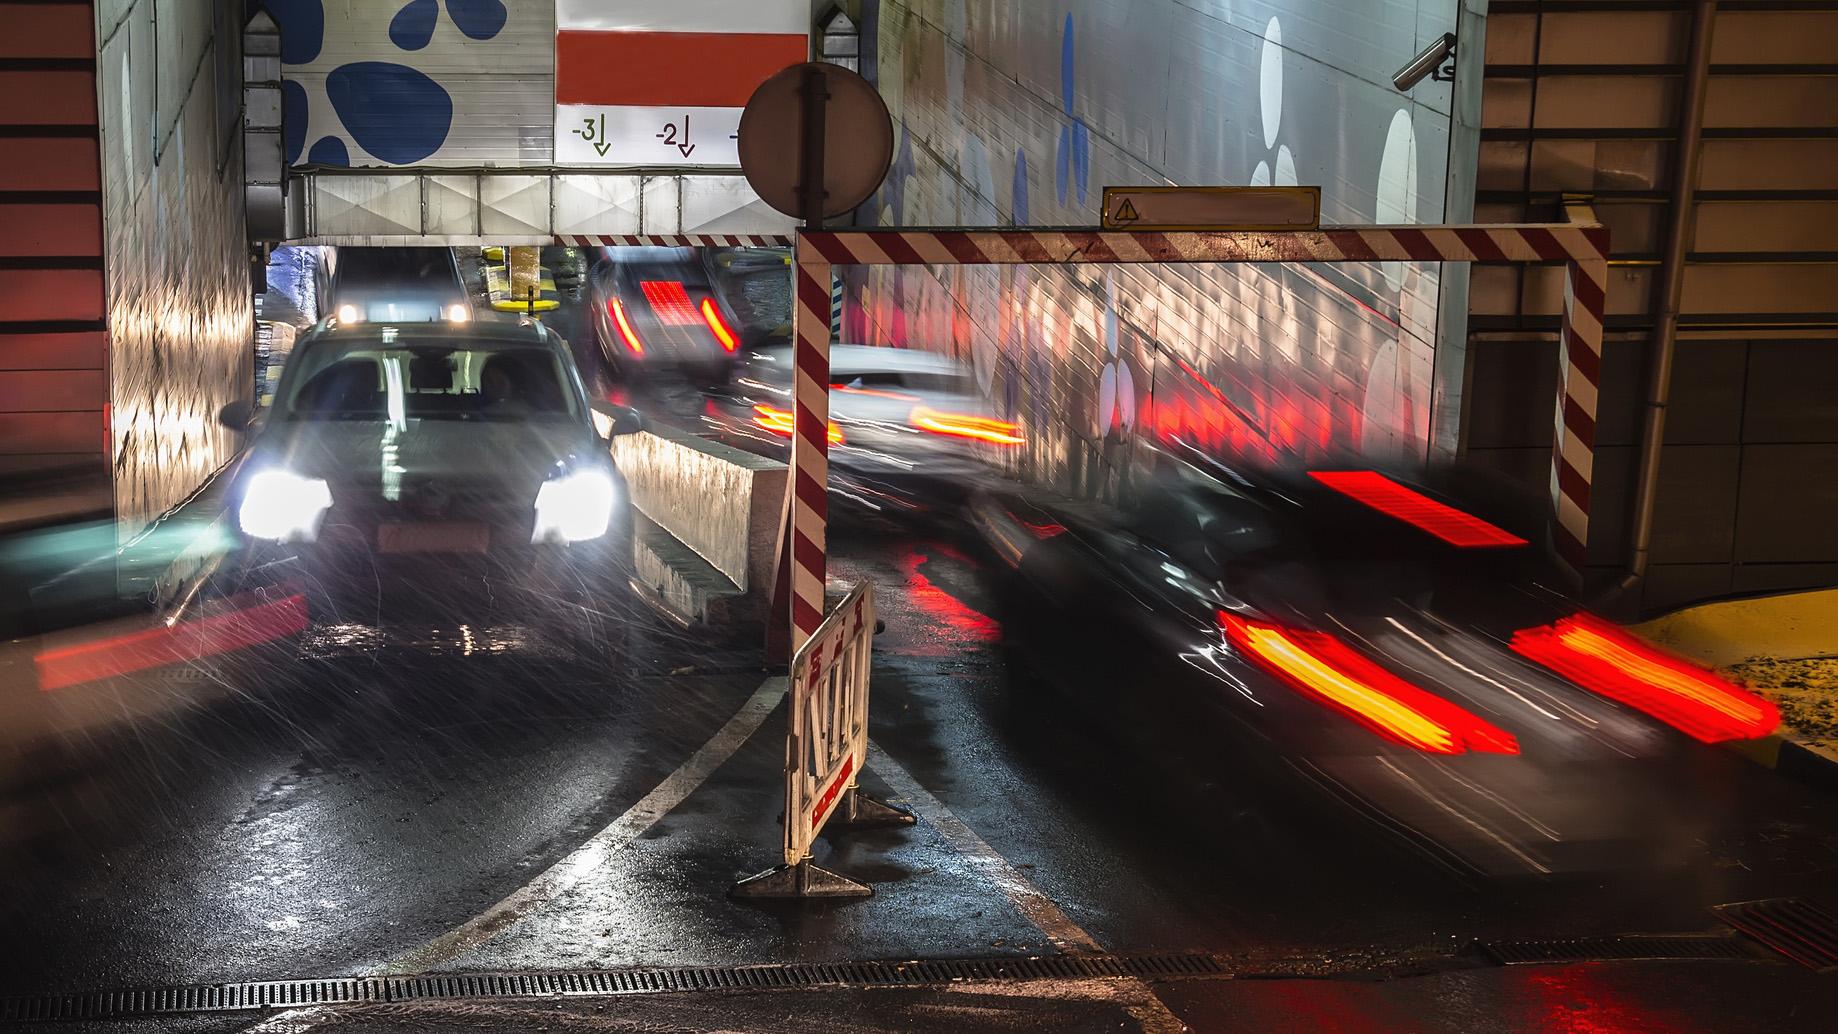 Circulation de voitures dans un parking sous-terrain